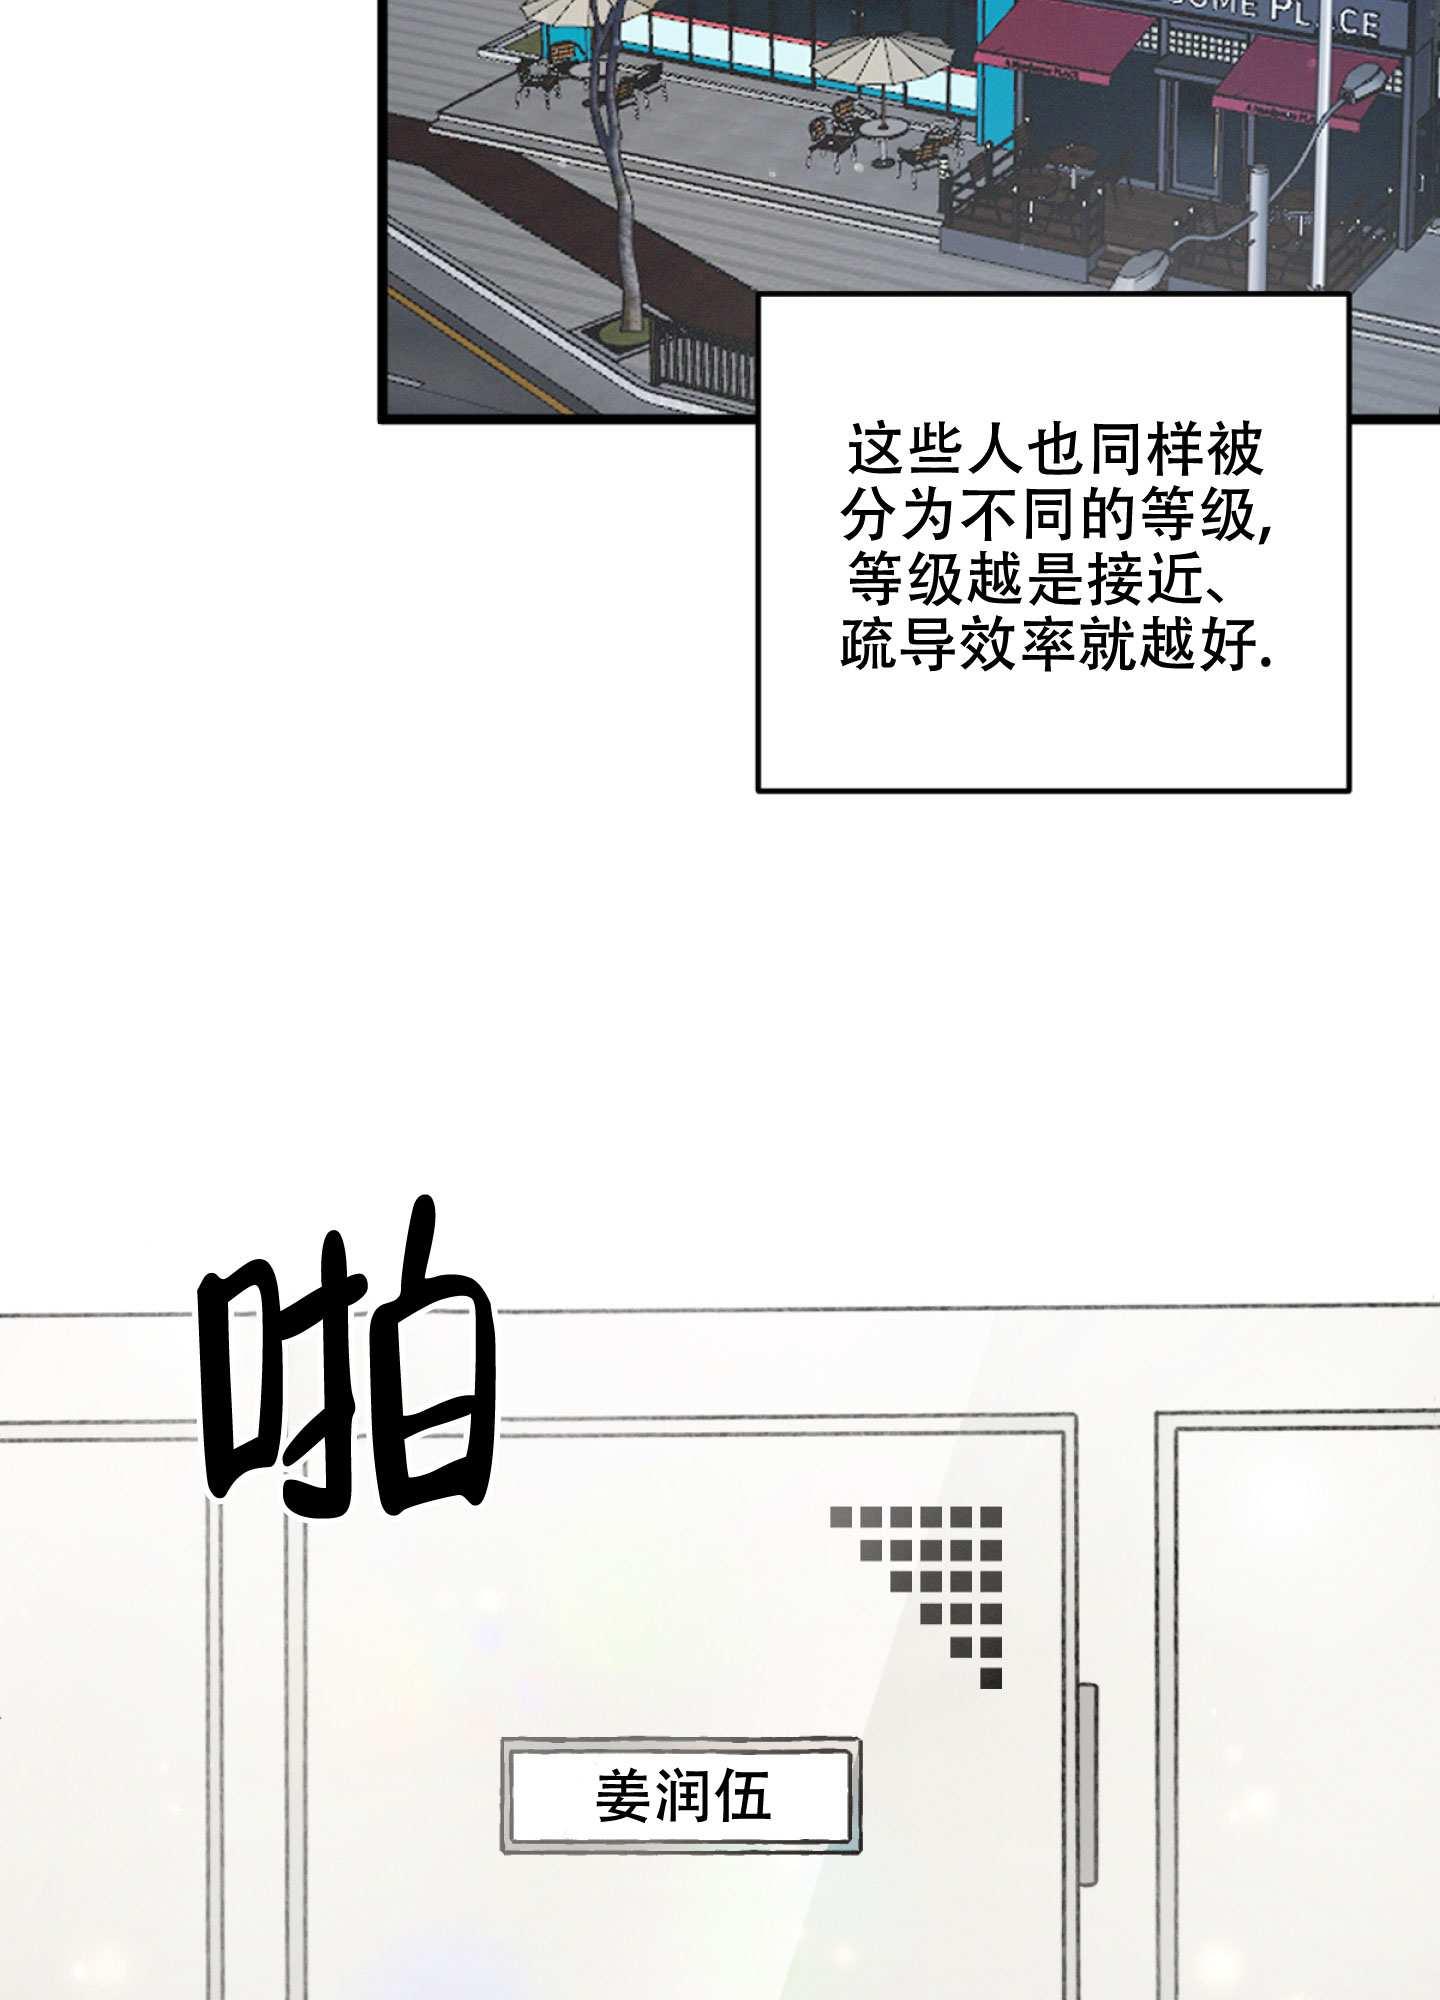 韩漫《疏导师的日常》超能力大暴走,到最深处去!